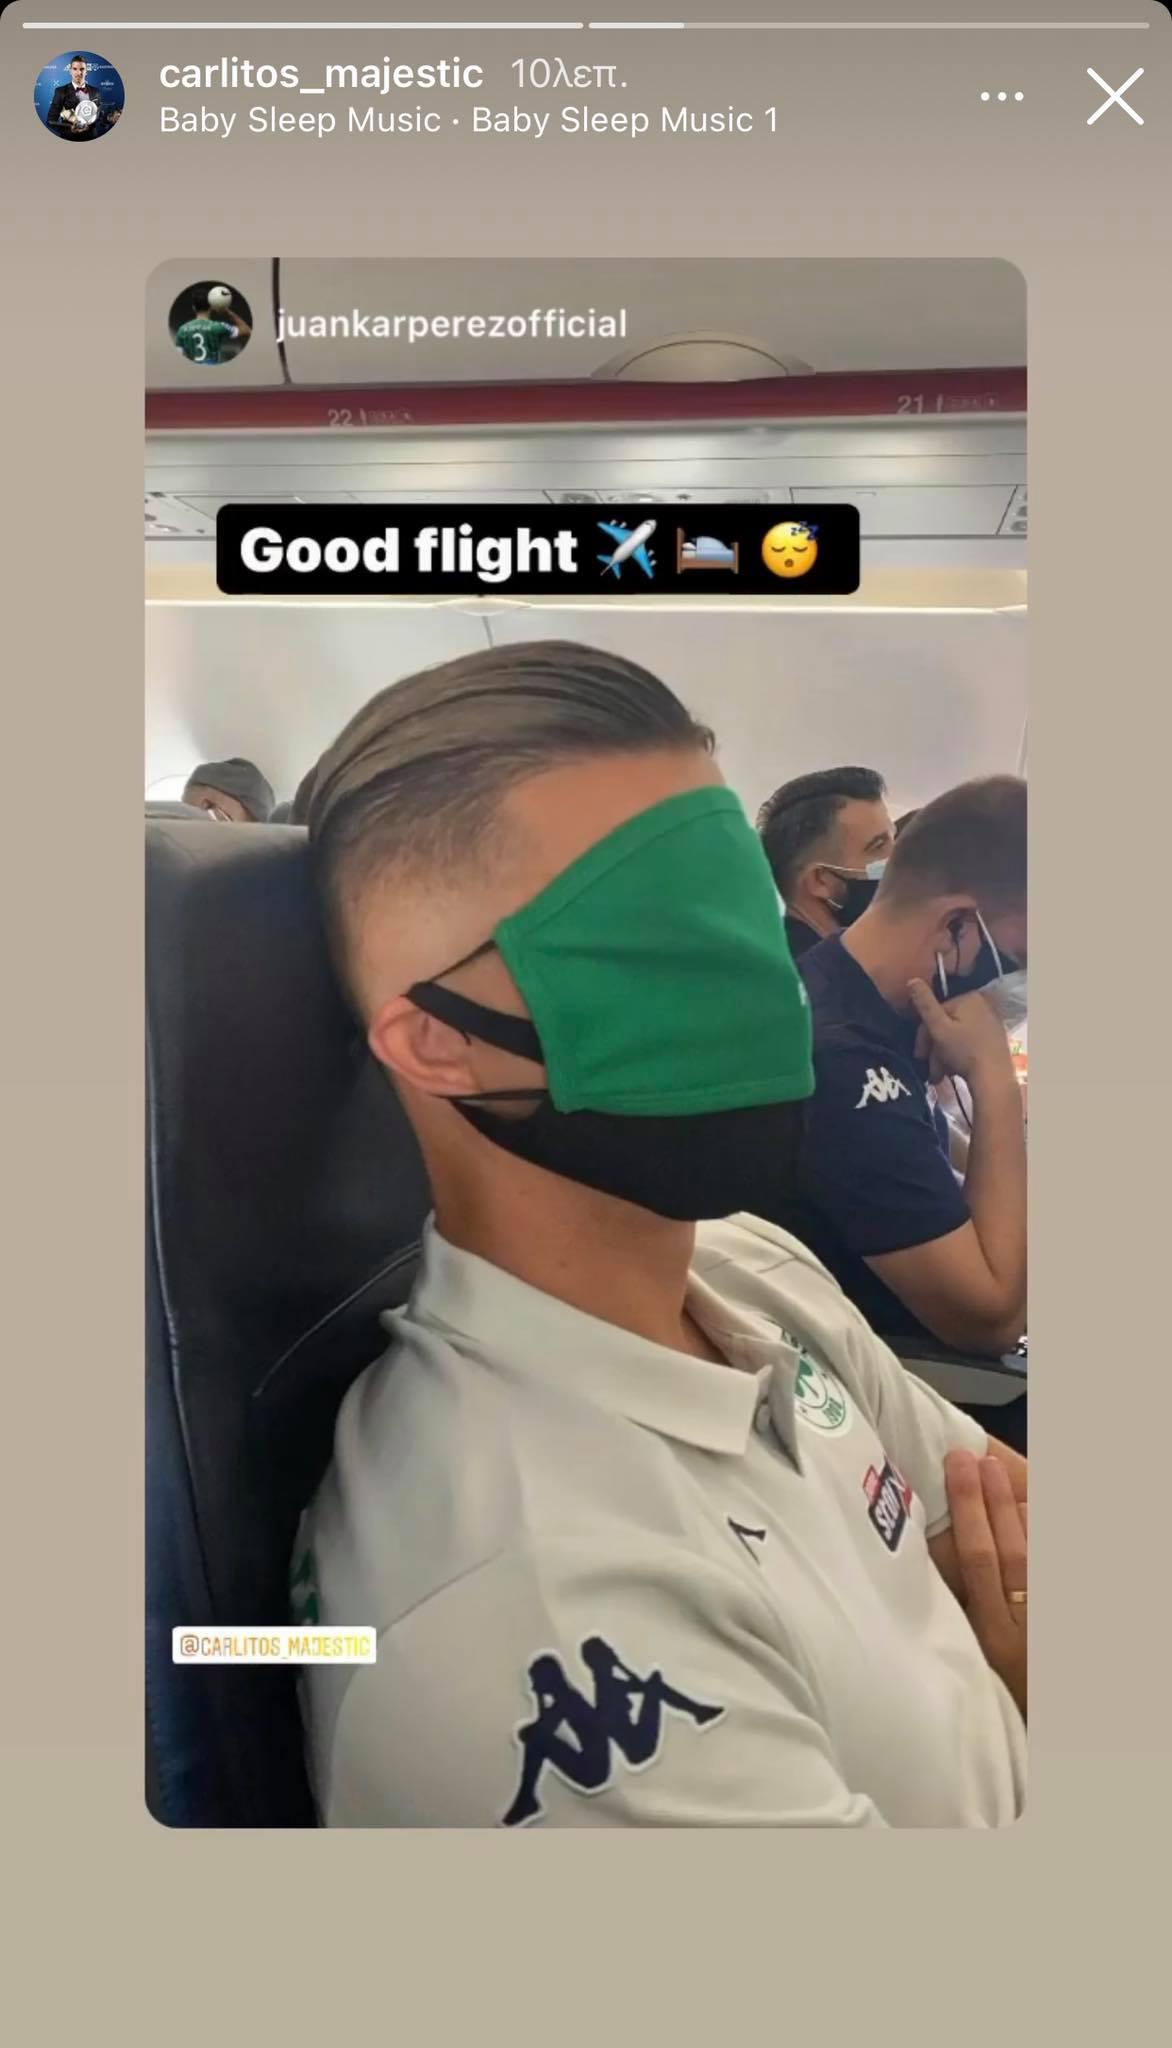 Πειραχτήρι ο Χουάνκαρ - Tο «κλικ» στον Καρλίτος, που κοιμόταν στο αεροπλάνο! (pic)